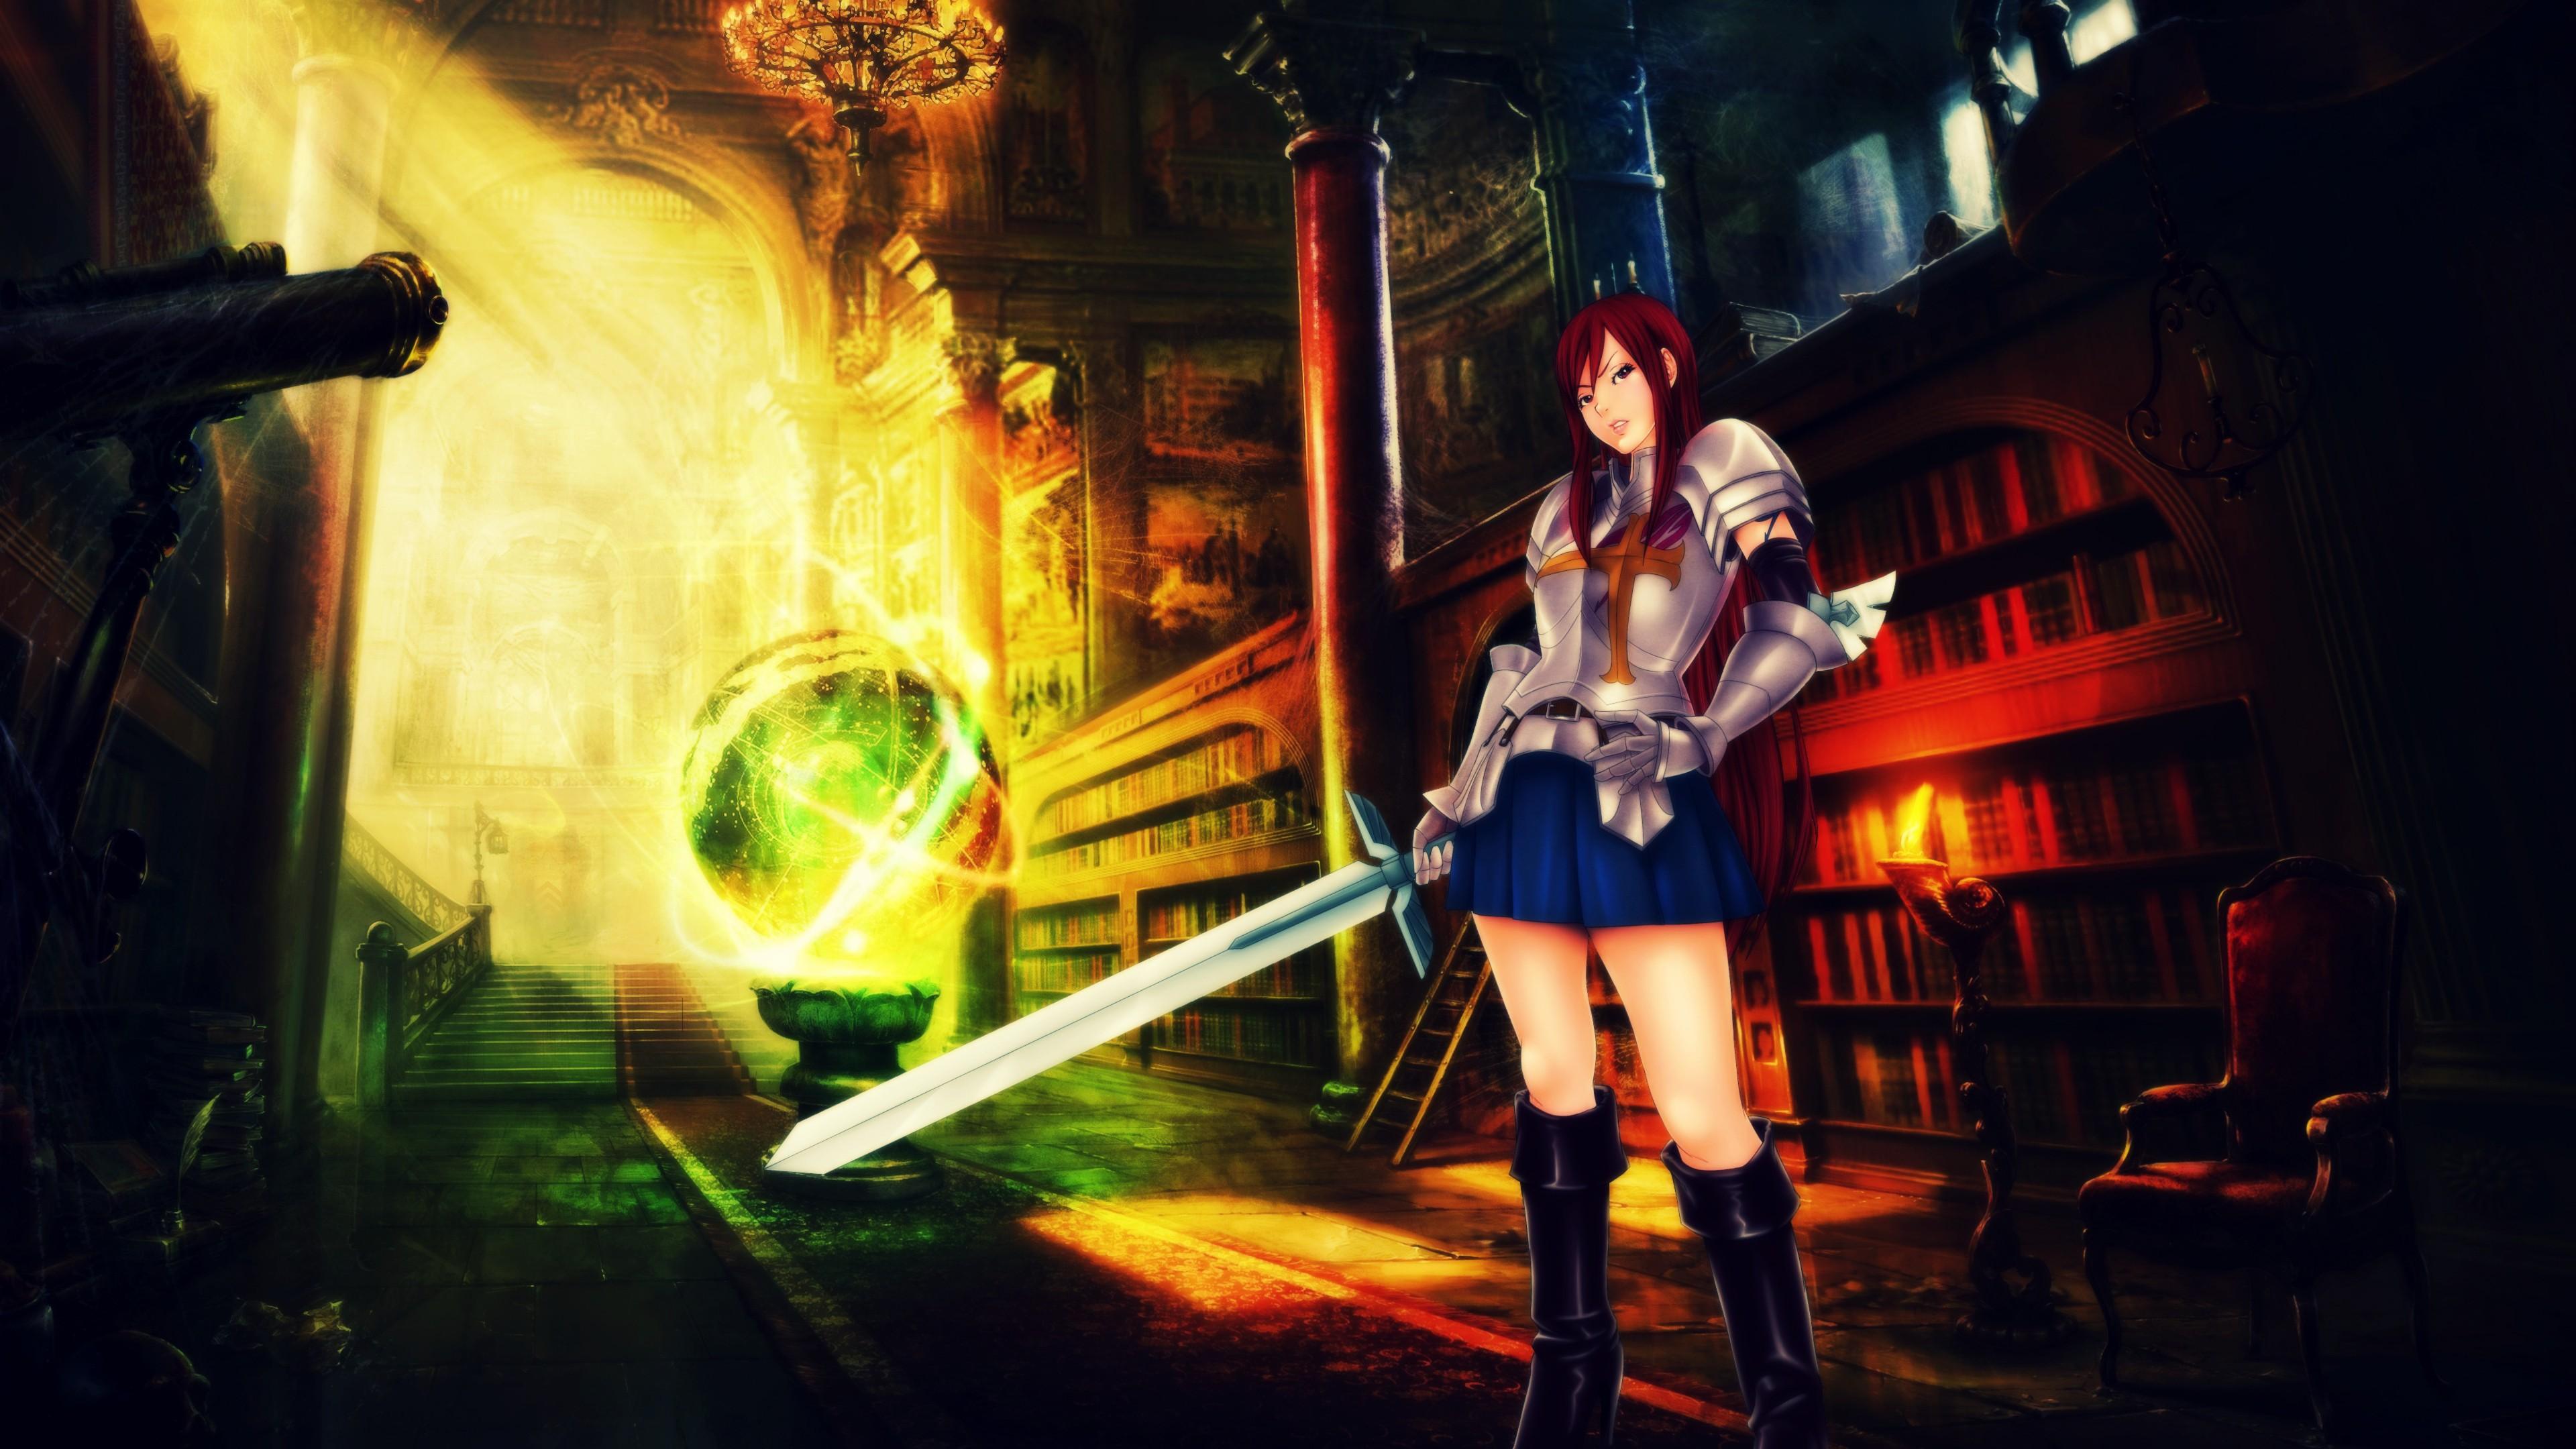 گـالری بـزرگـــ تصـاویــر  [ 3D , Anime و Fantasy ]